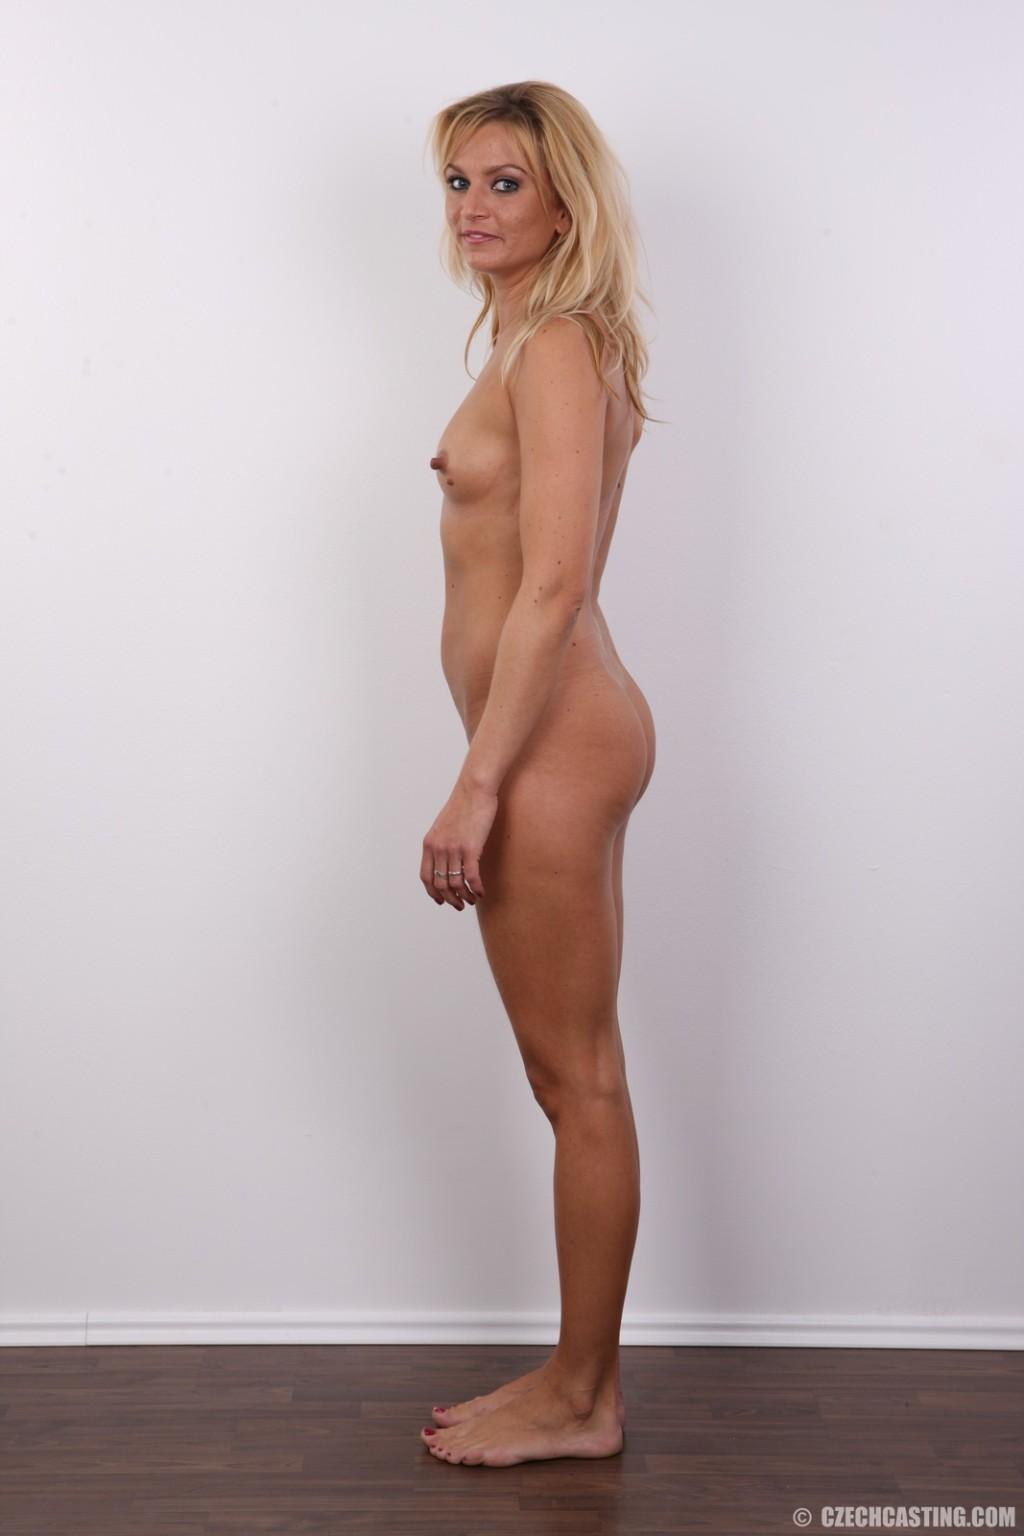 Девка с большими сосками на сиськах соблазняет фотографа своим телом